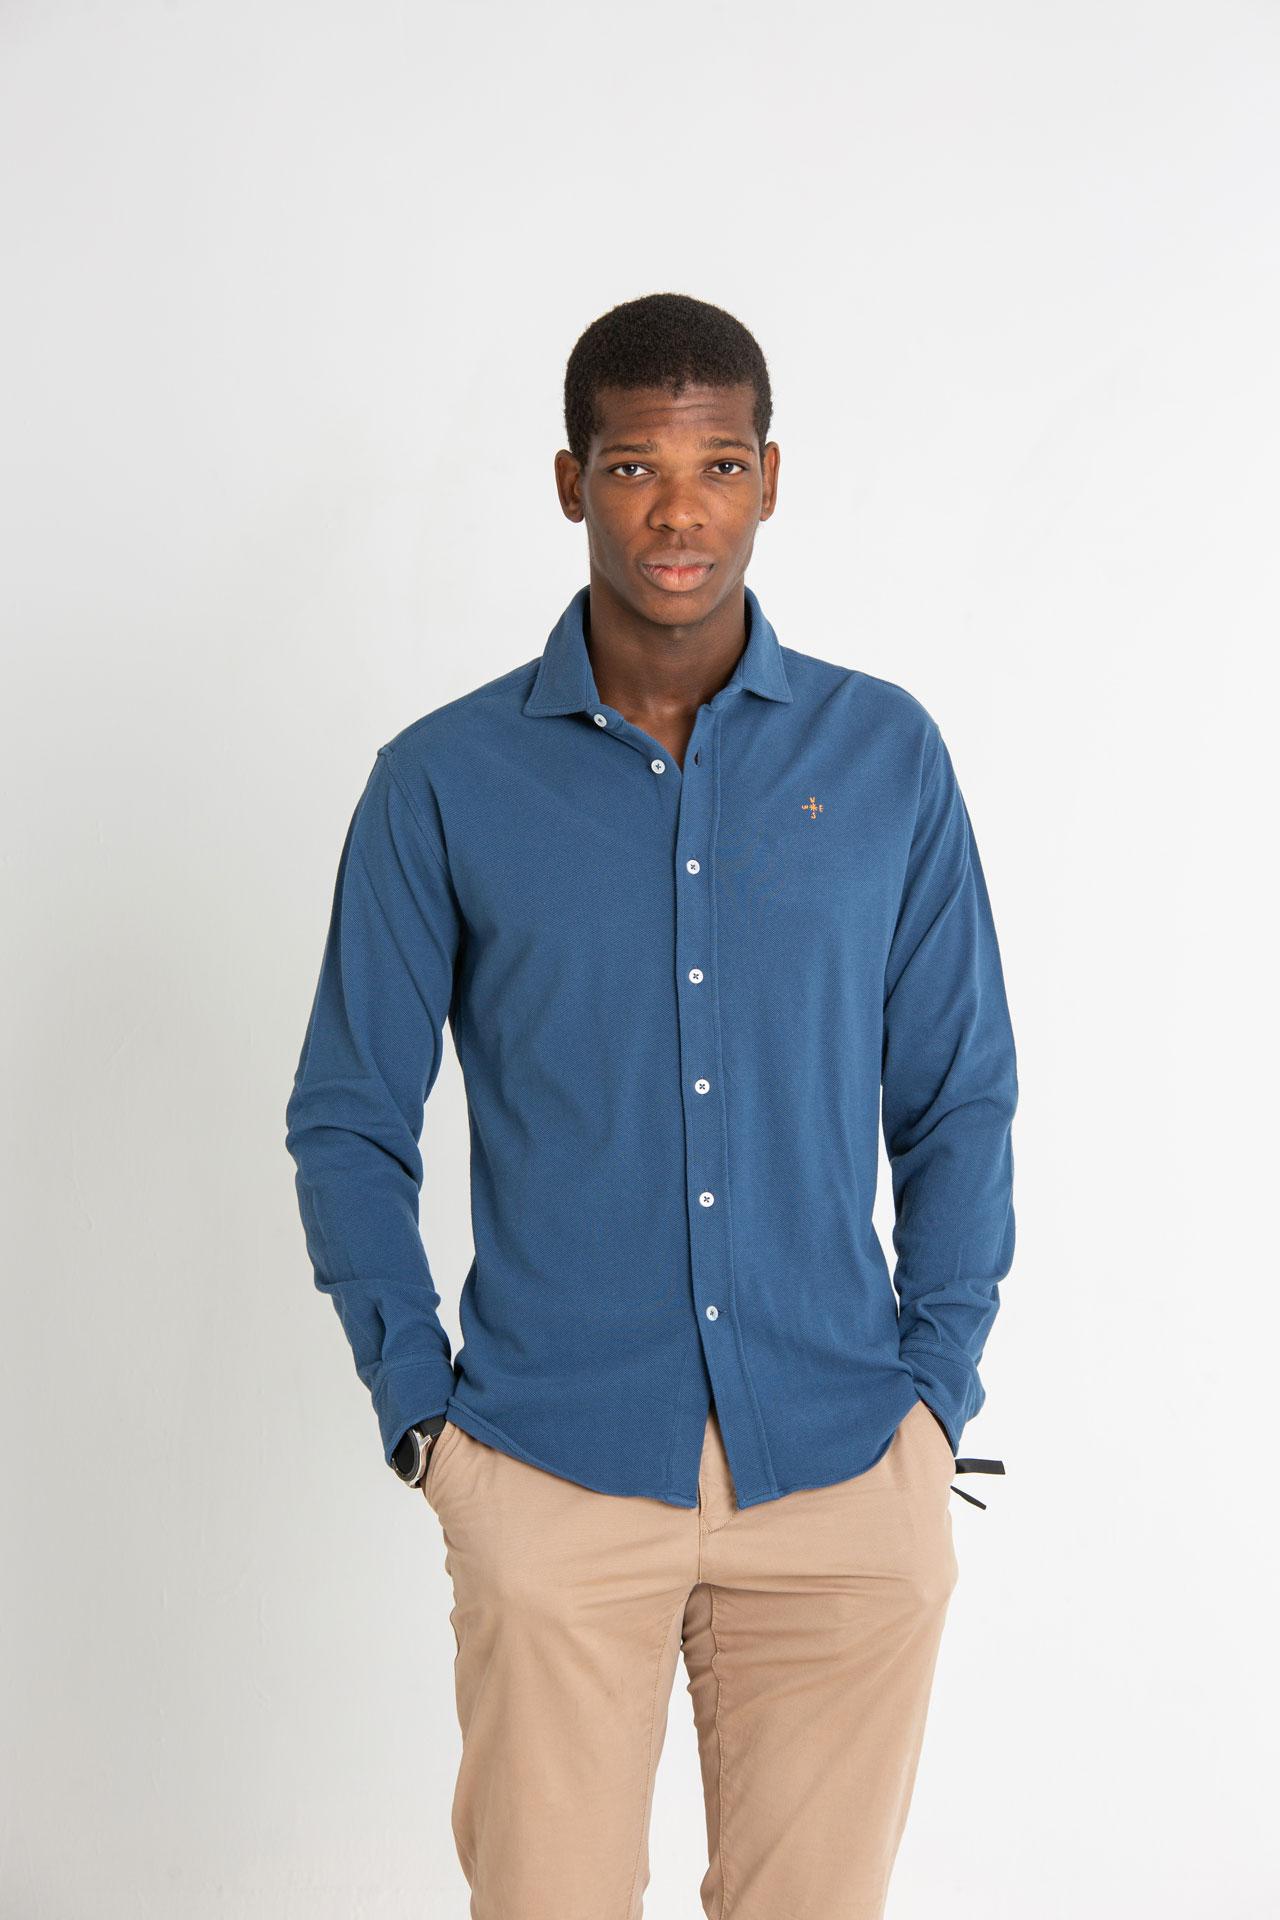 Modelo joven masculino con camisa de punto de color azul